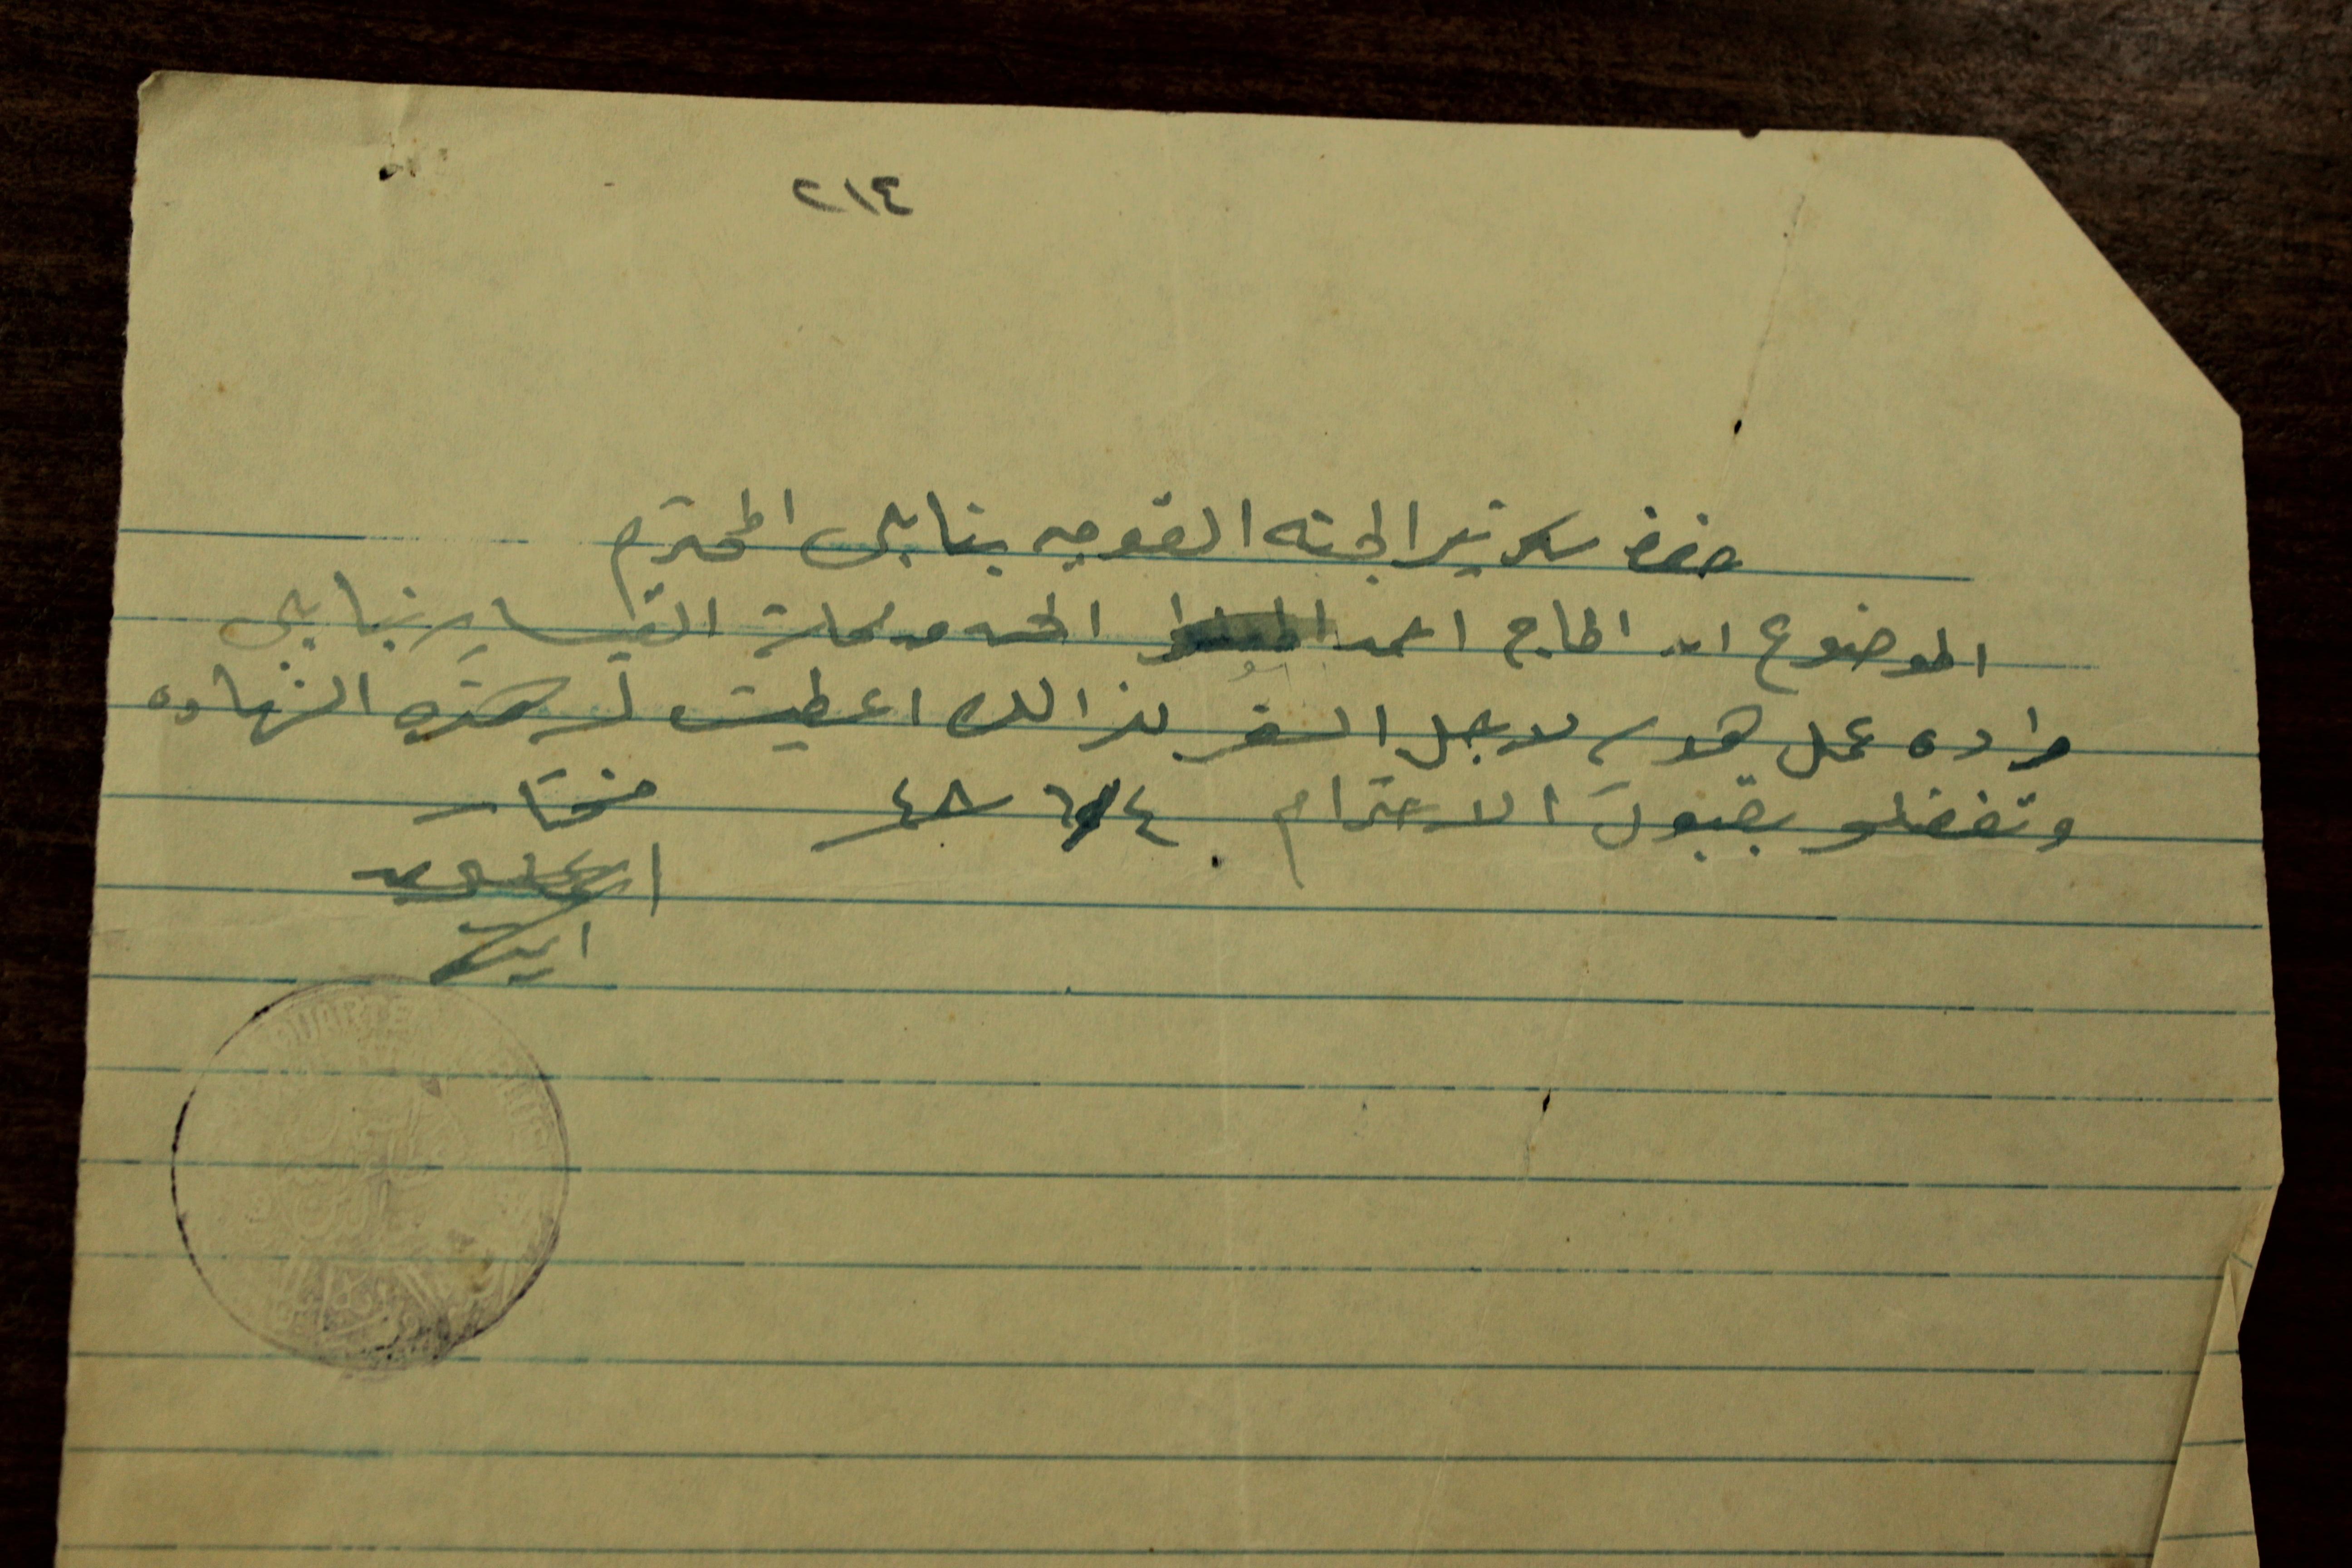 قيادة قوى الانقاذ إلى اللجنة القومية العربية عام 1948.JPG